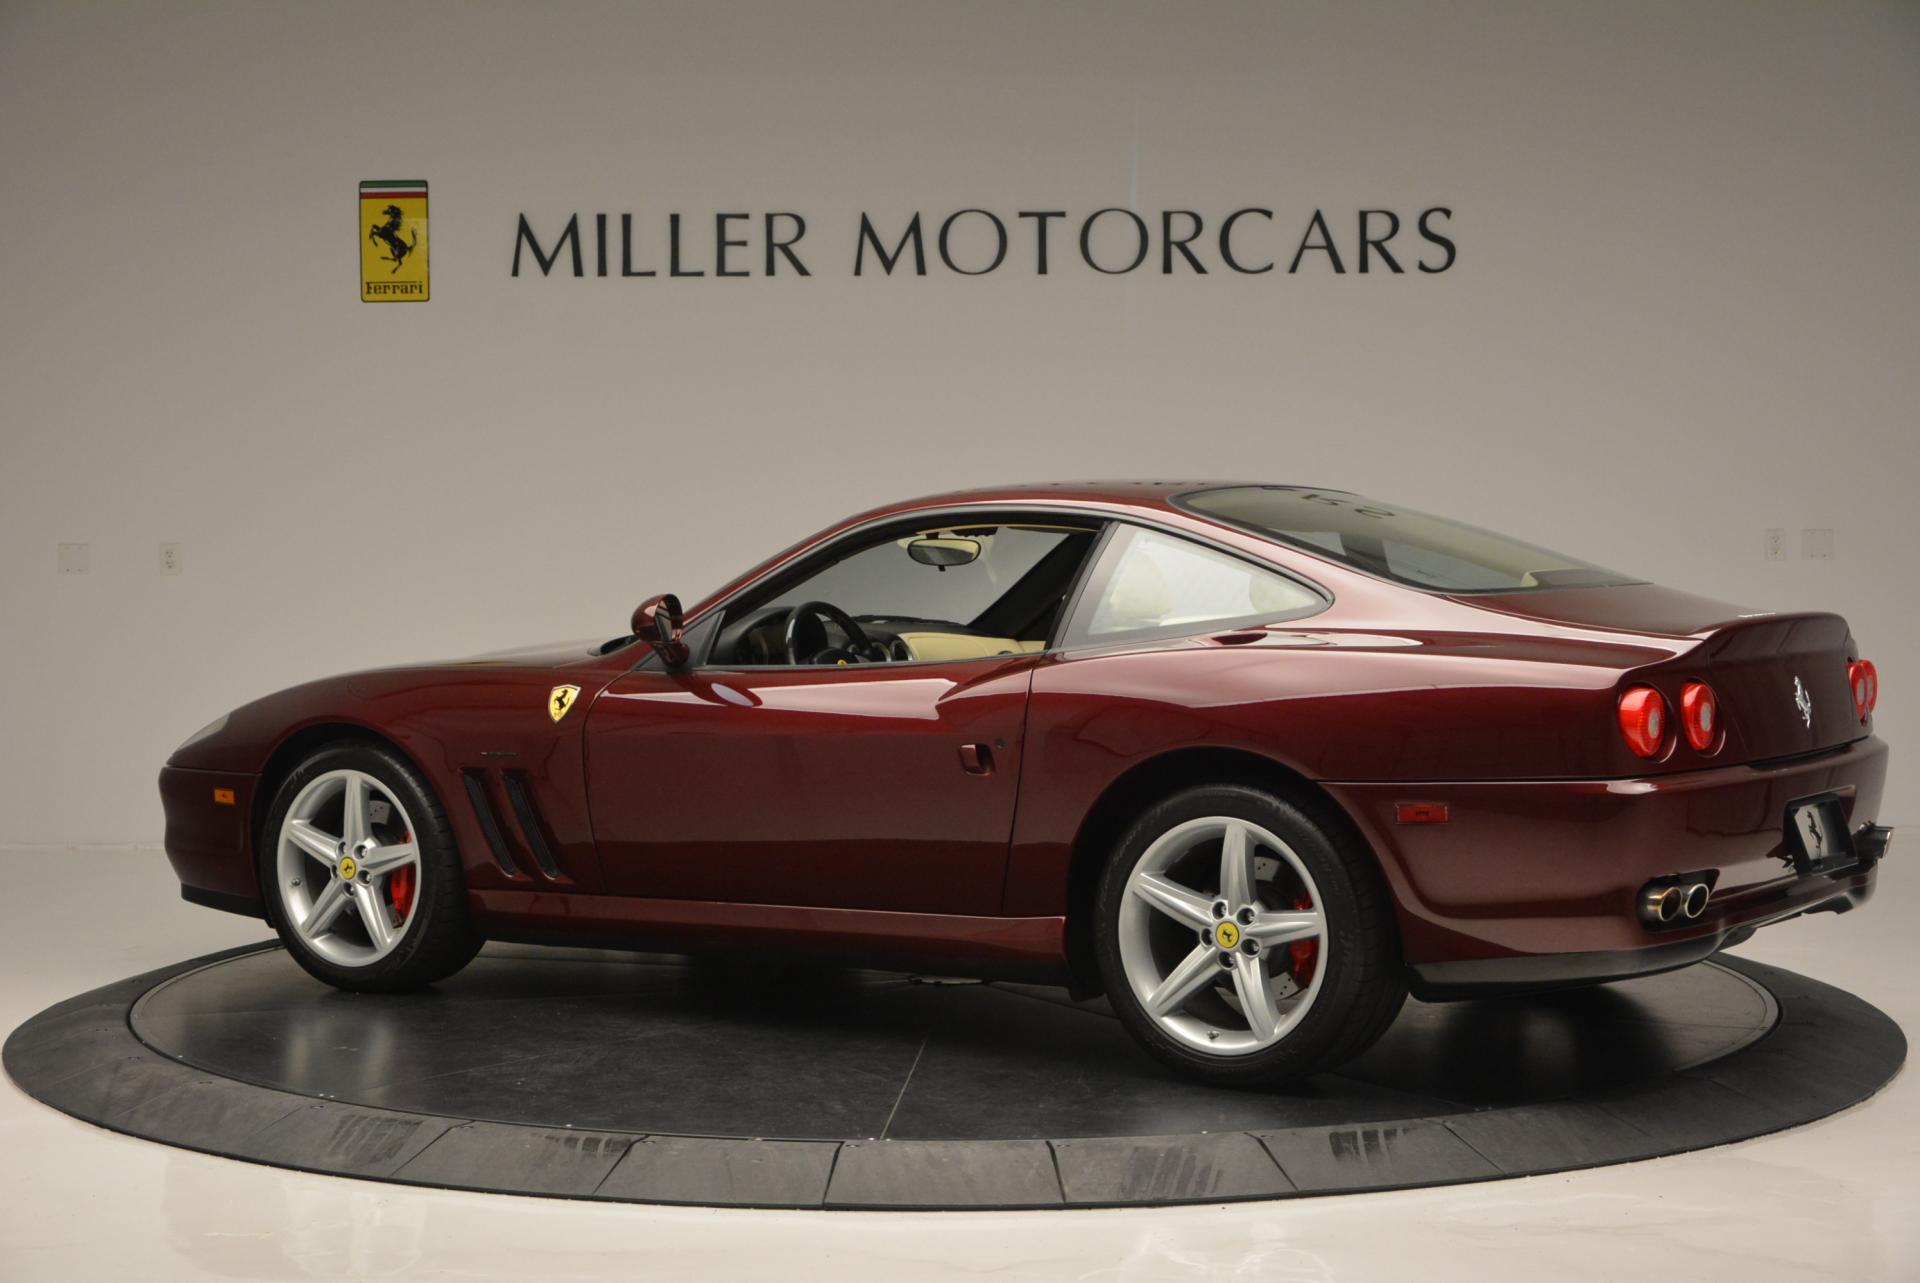 Used 2003 Ferrari 575M Maranello 6-Speed Manual For Sale In Westport, CT 143_p4